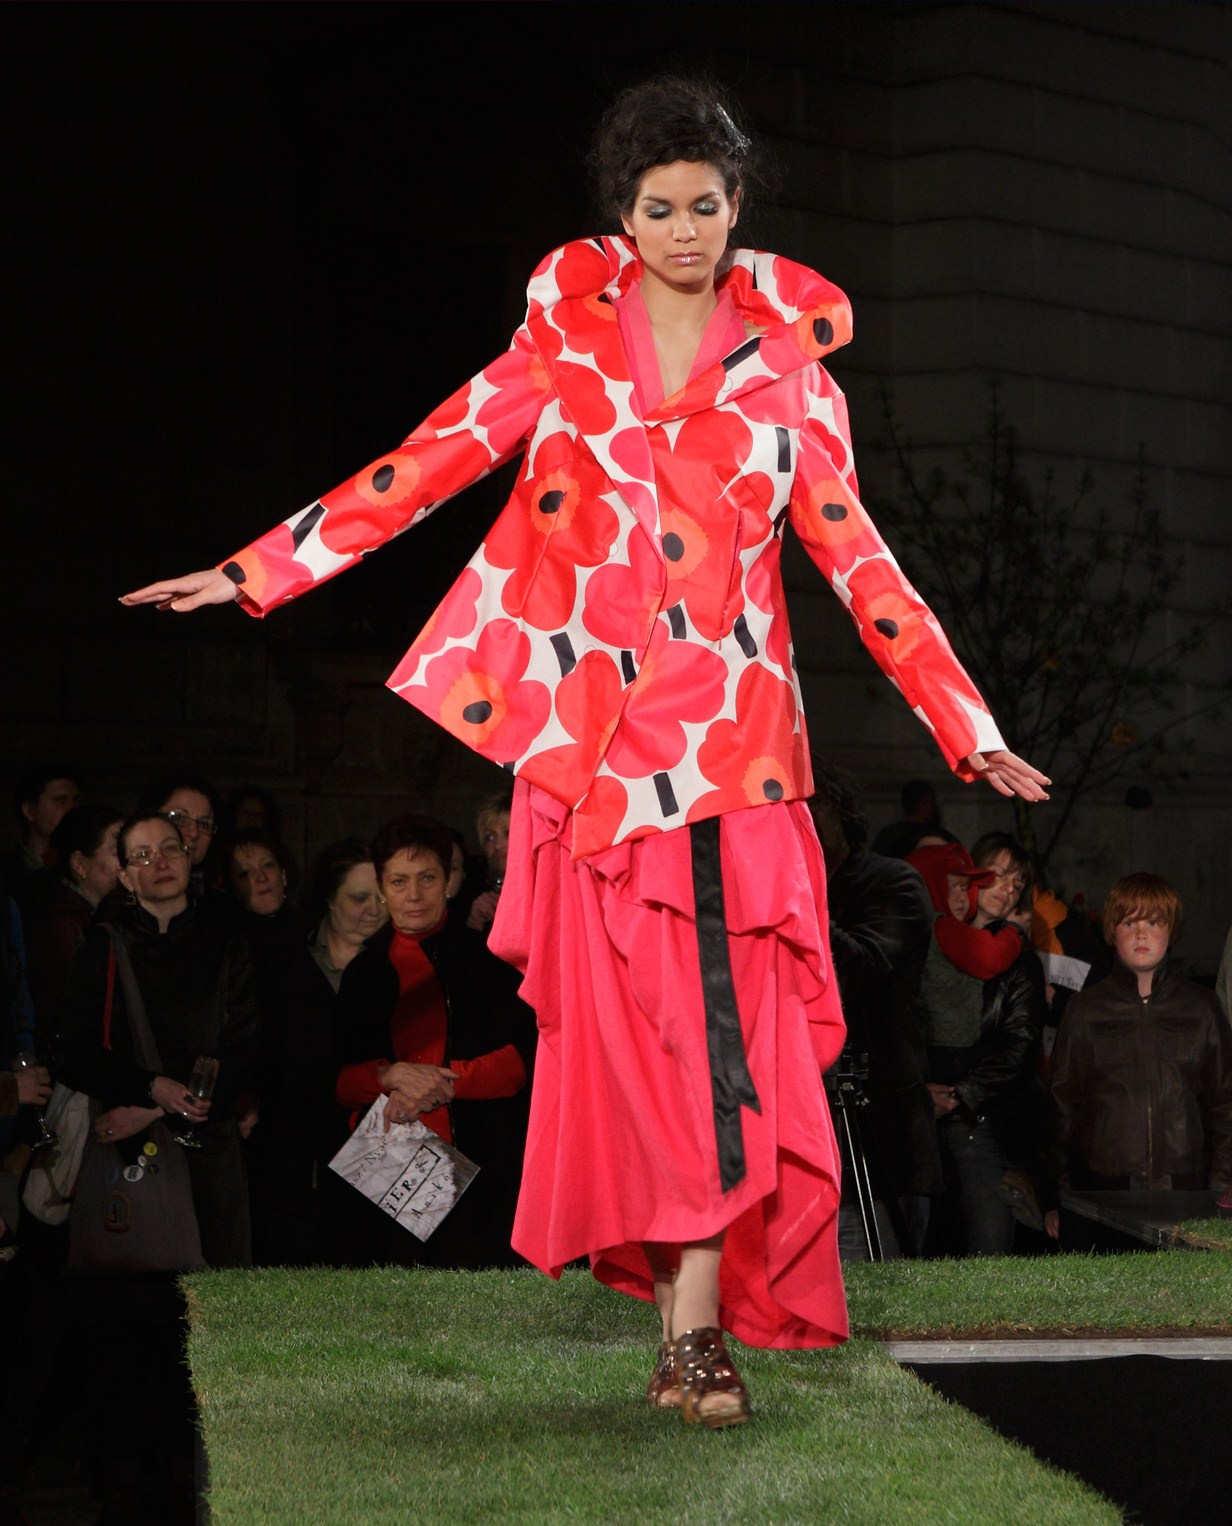 Anikó Tükörországban - Manier 2011 tavasz/ nyár - magyar-divat, ujdonsagok -